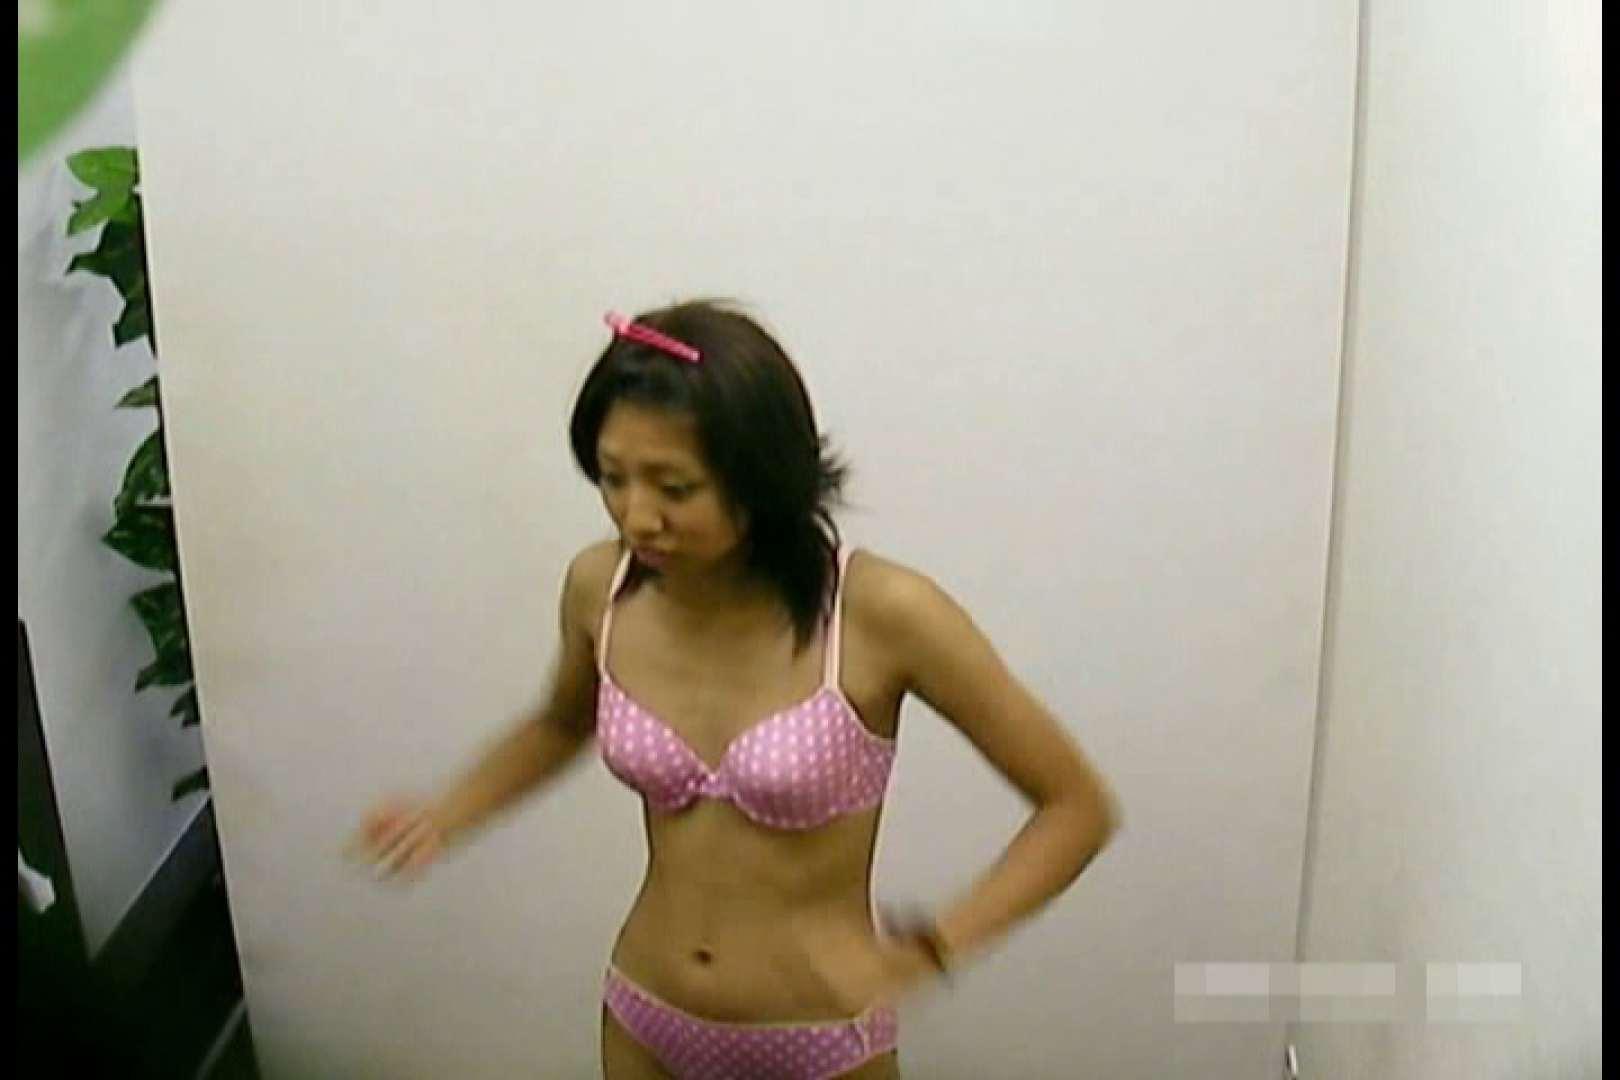 素人撮影 下着だけの撮影のはずが・・・エミちゃん18歳 素人 | おっぱい  55pic 10